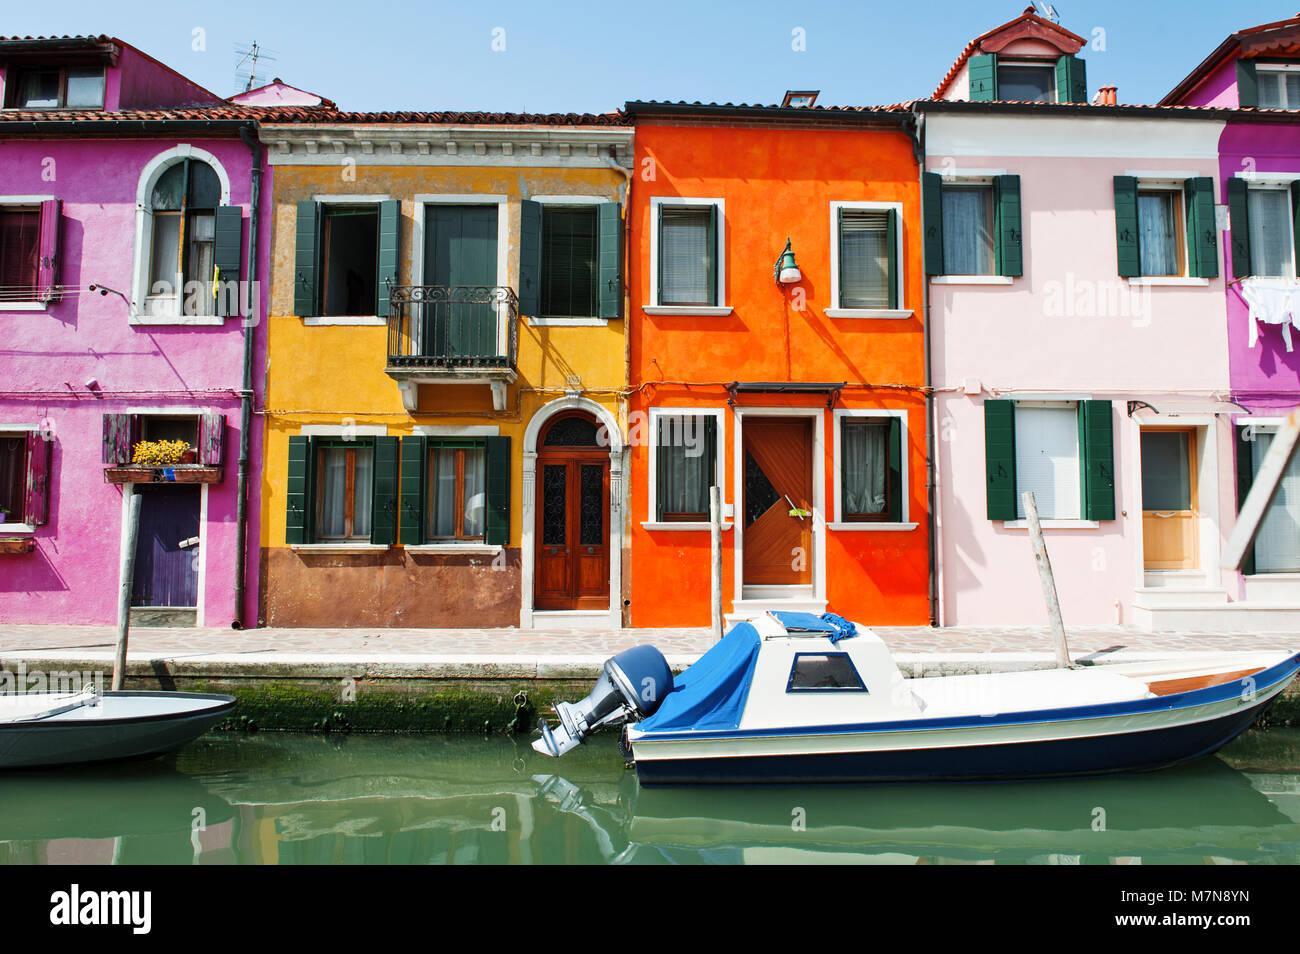 L'île de Burano, Venise, Italie, Europe - Vue panoramique des bâtiments colorés caractéristique Photo Stock